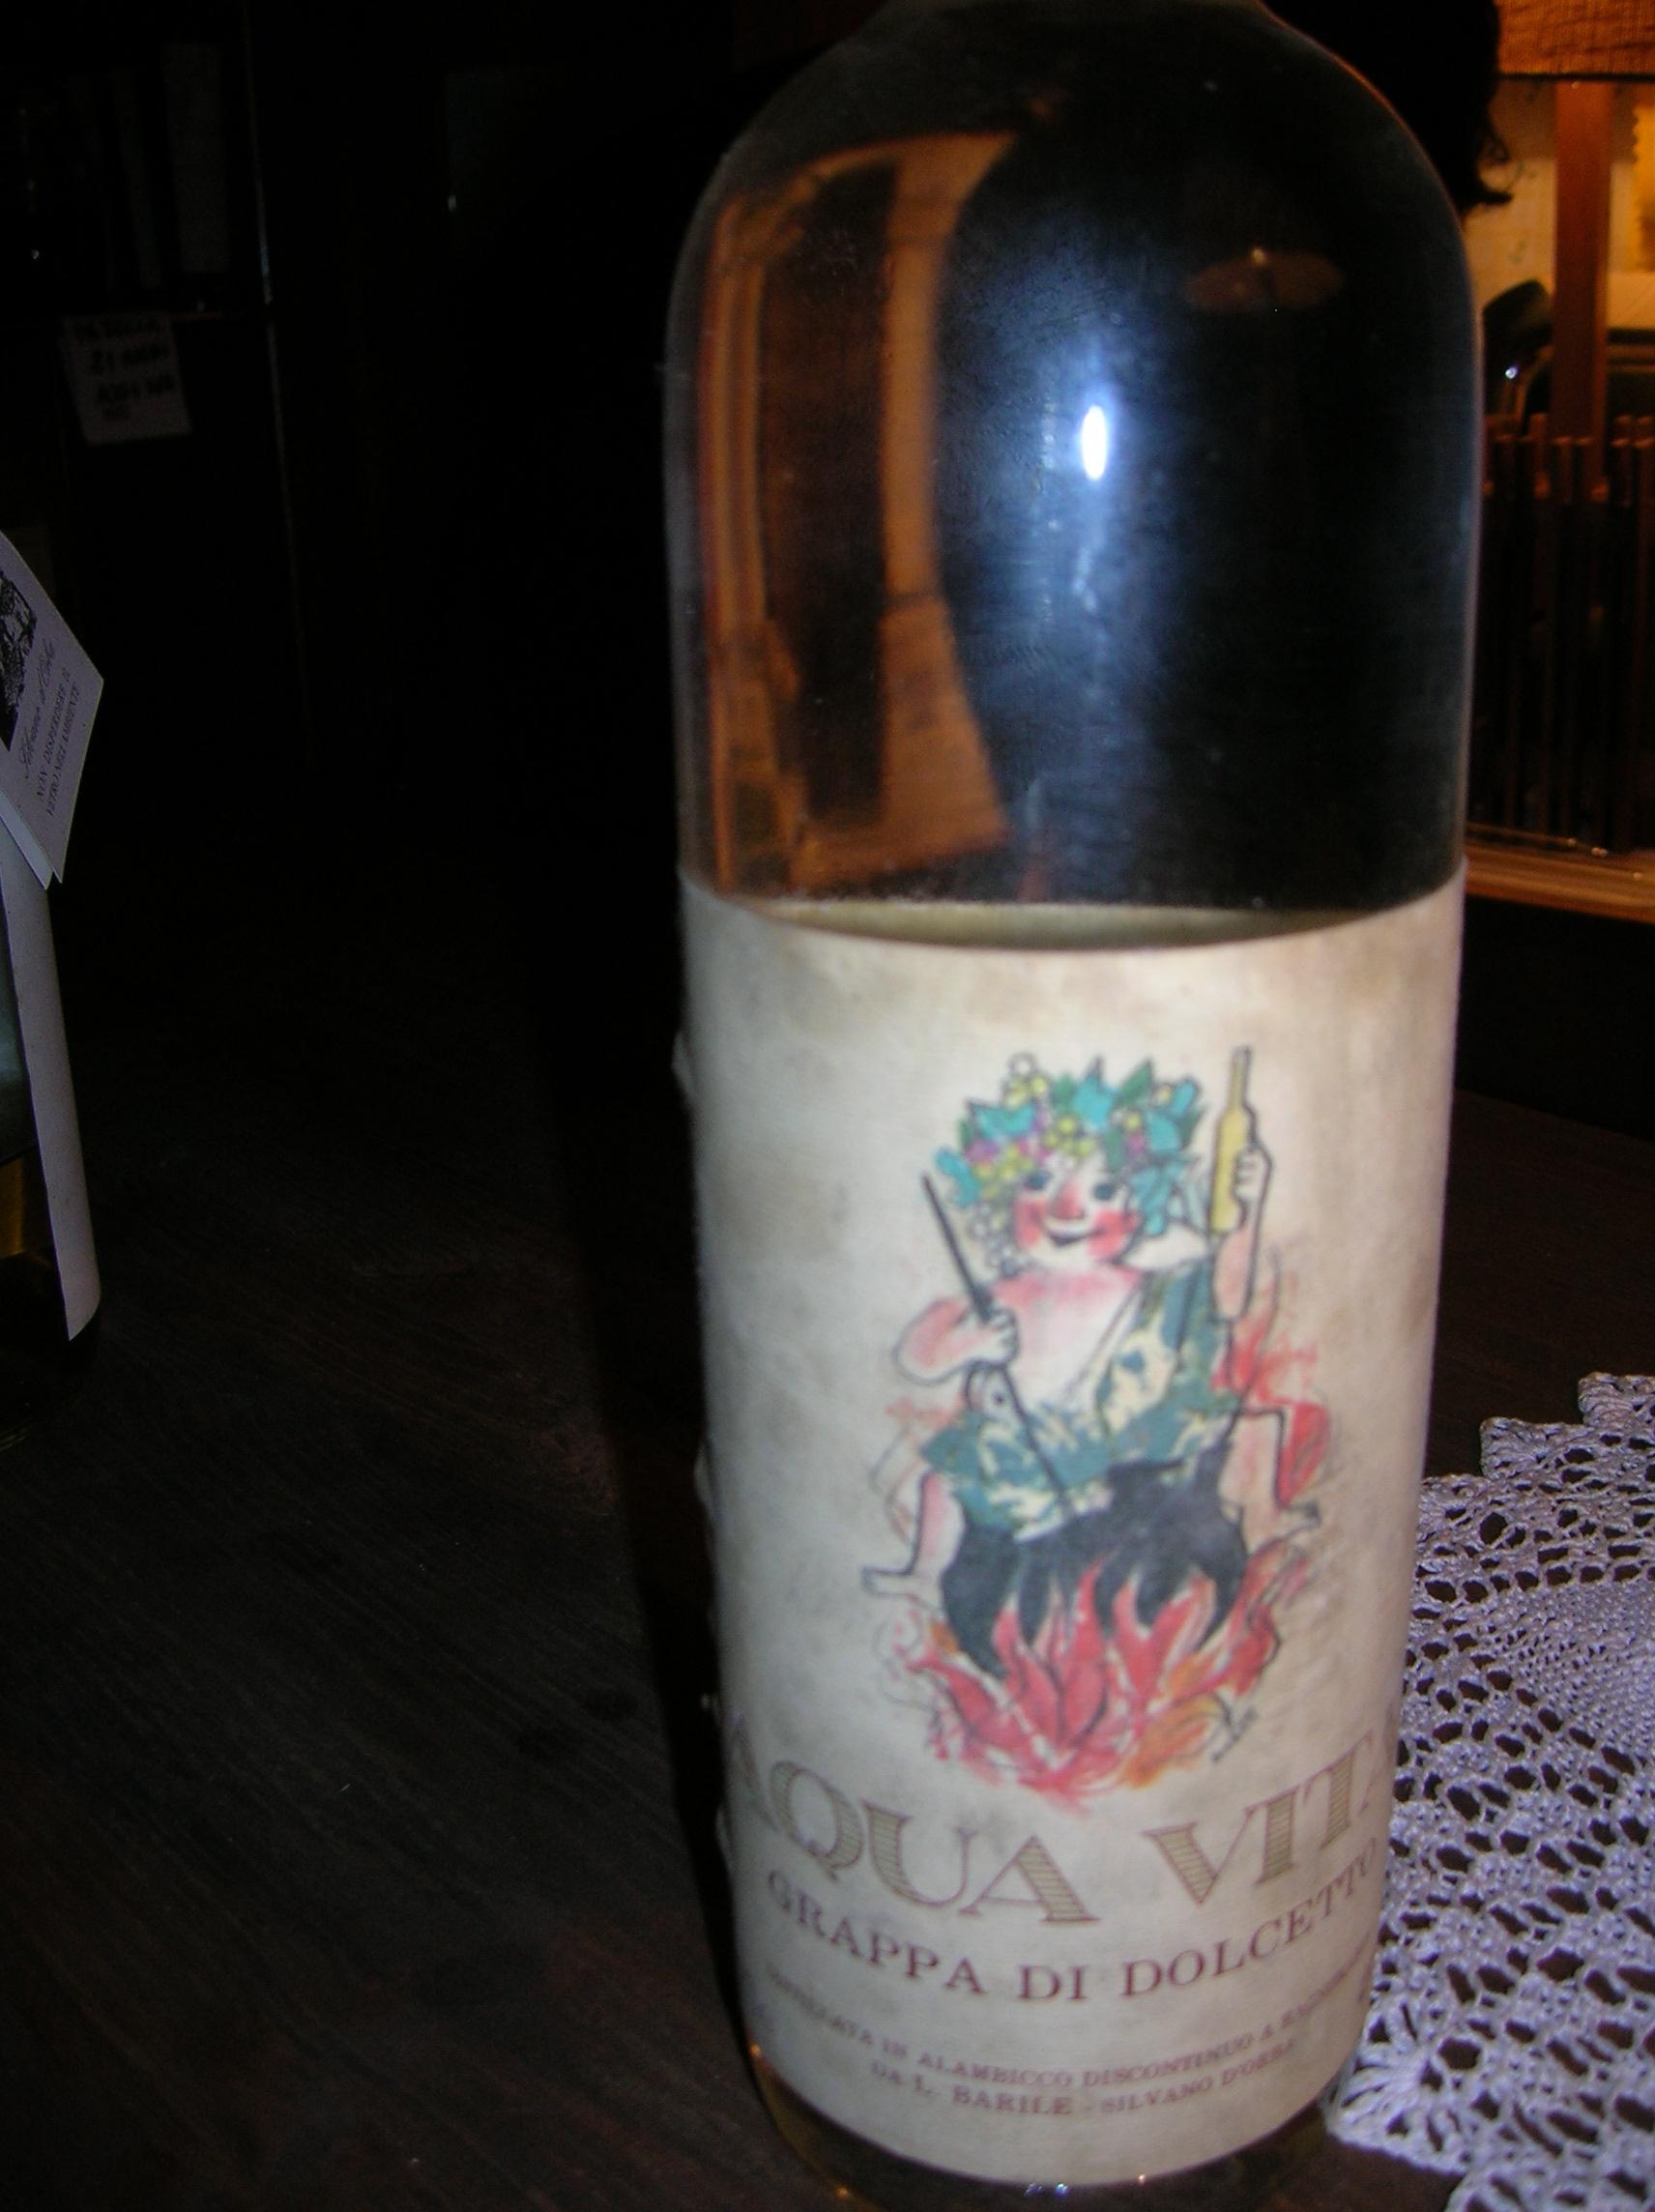 Il ritrovamento di una grappa 'Luzzatiana'